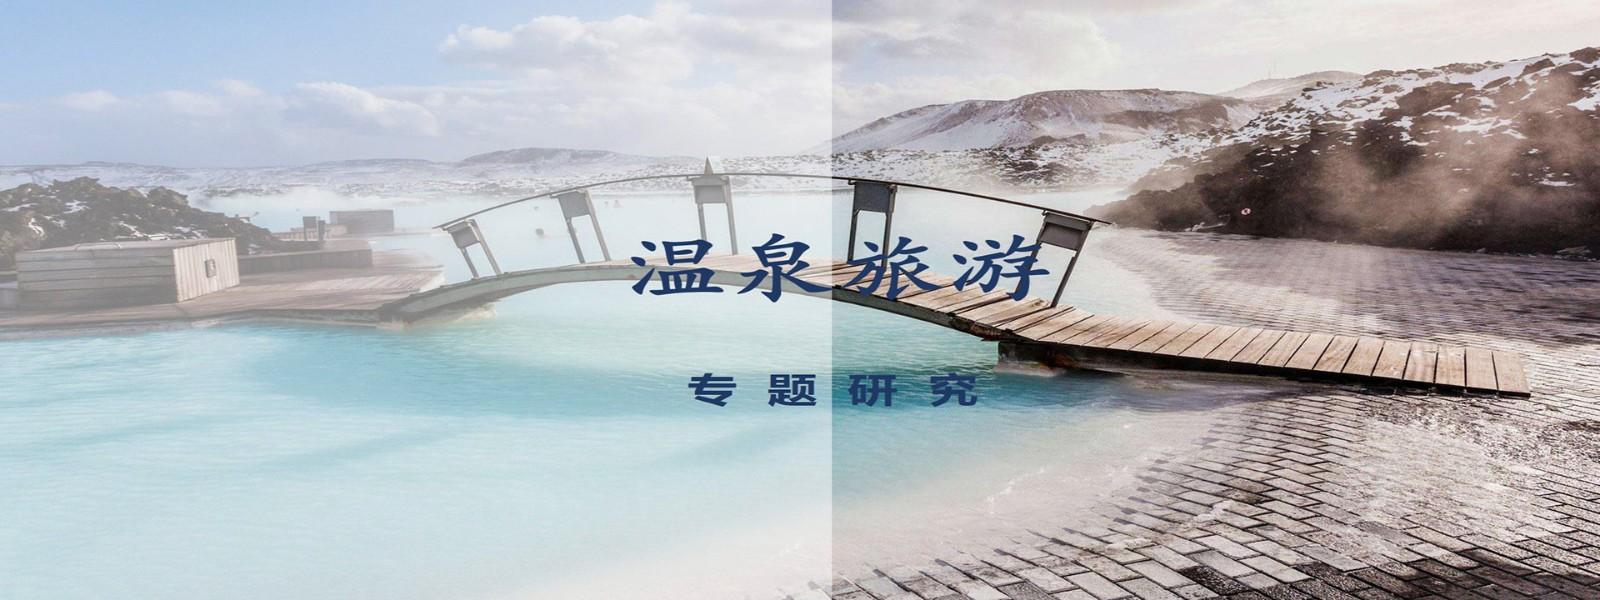 诗画实战经验分享之温泉旅游度假区规划